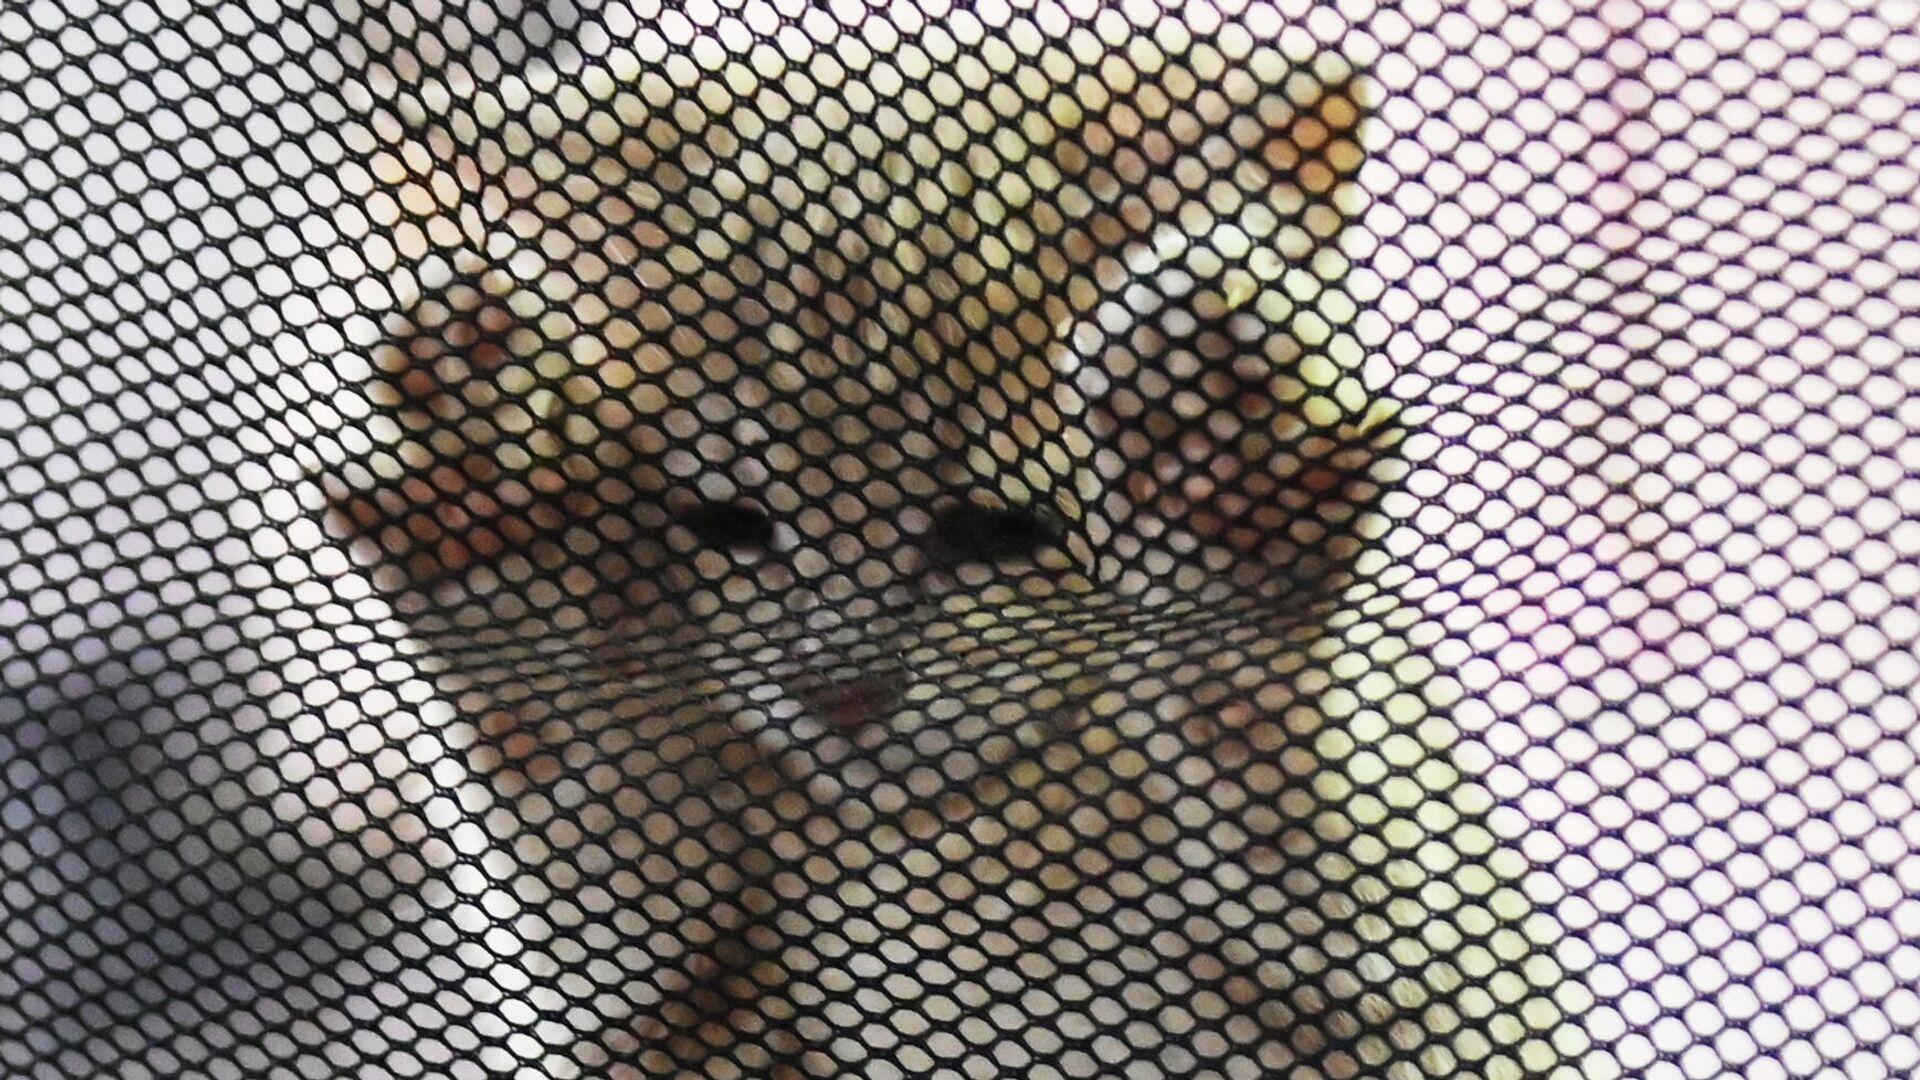 Котенок в переноске на выставке КоШарики Шоу в Сокольниках - РИА Новости, 1920, 28.10.2020